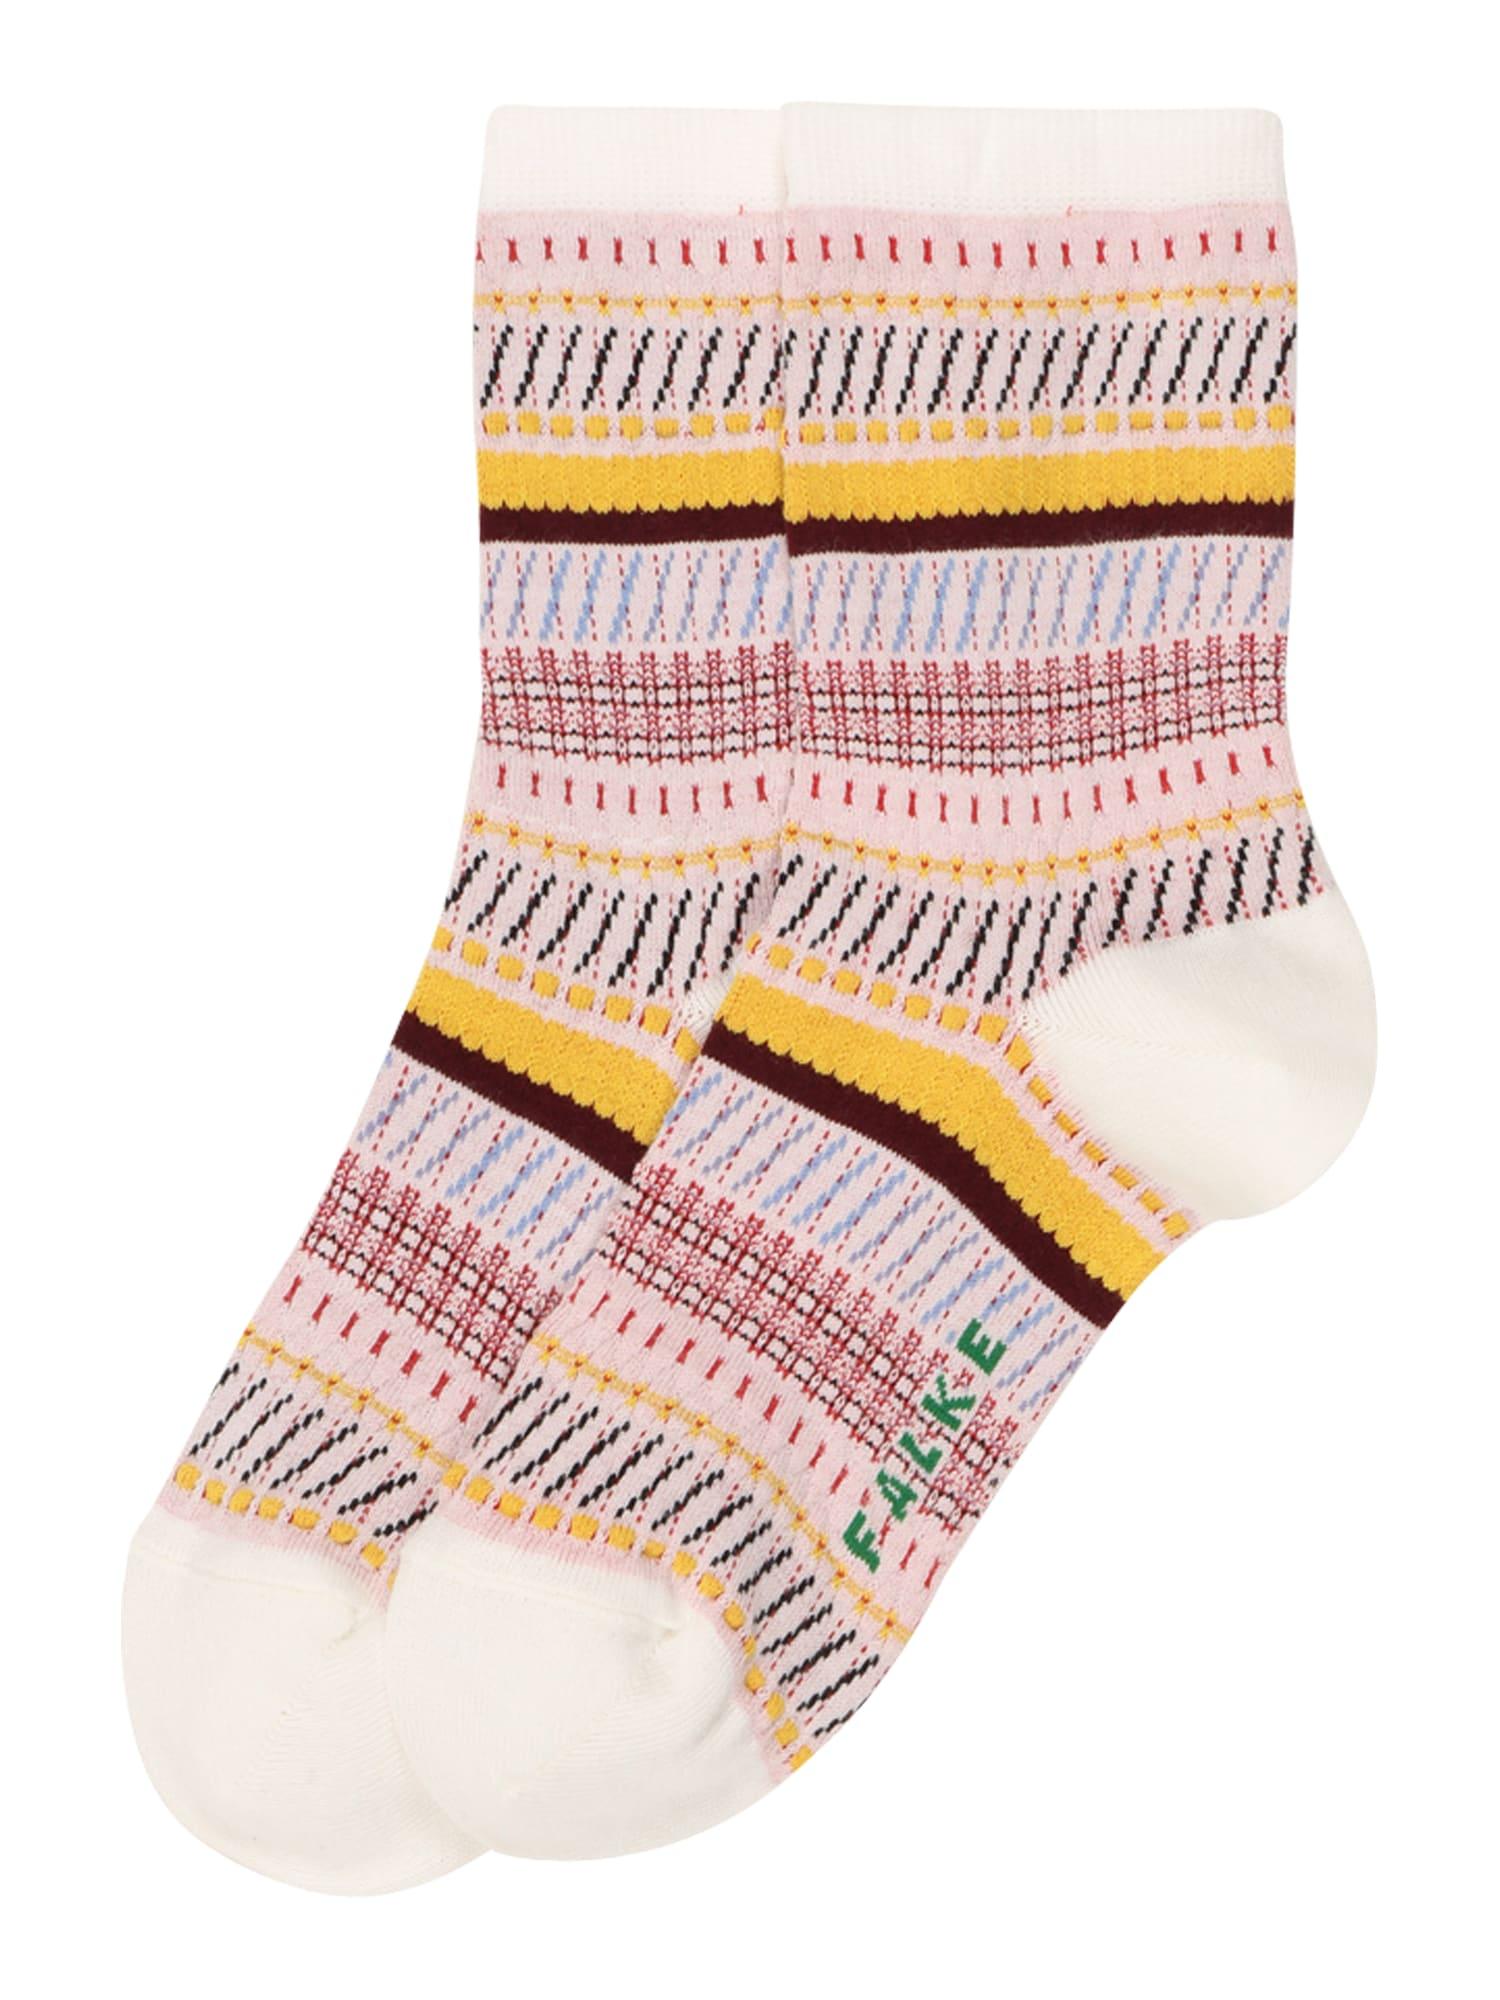 FALKE Sportinės kojinės mišrios spalvos